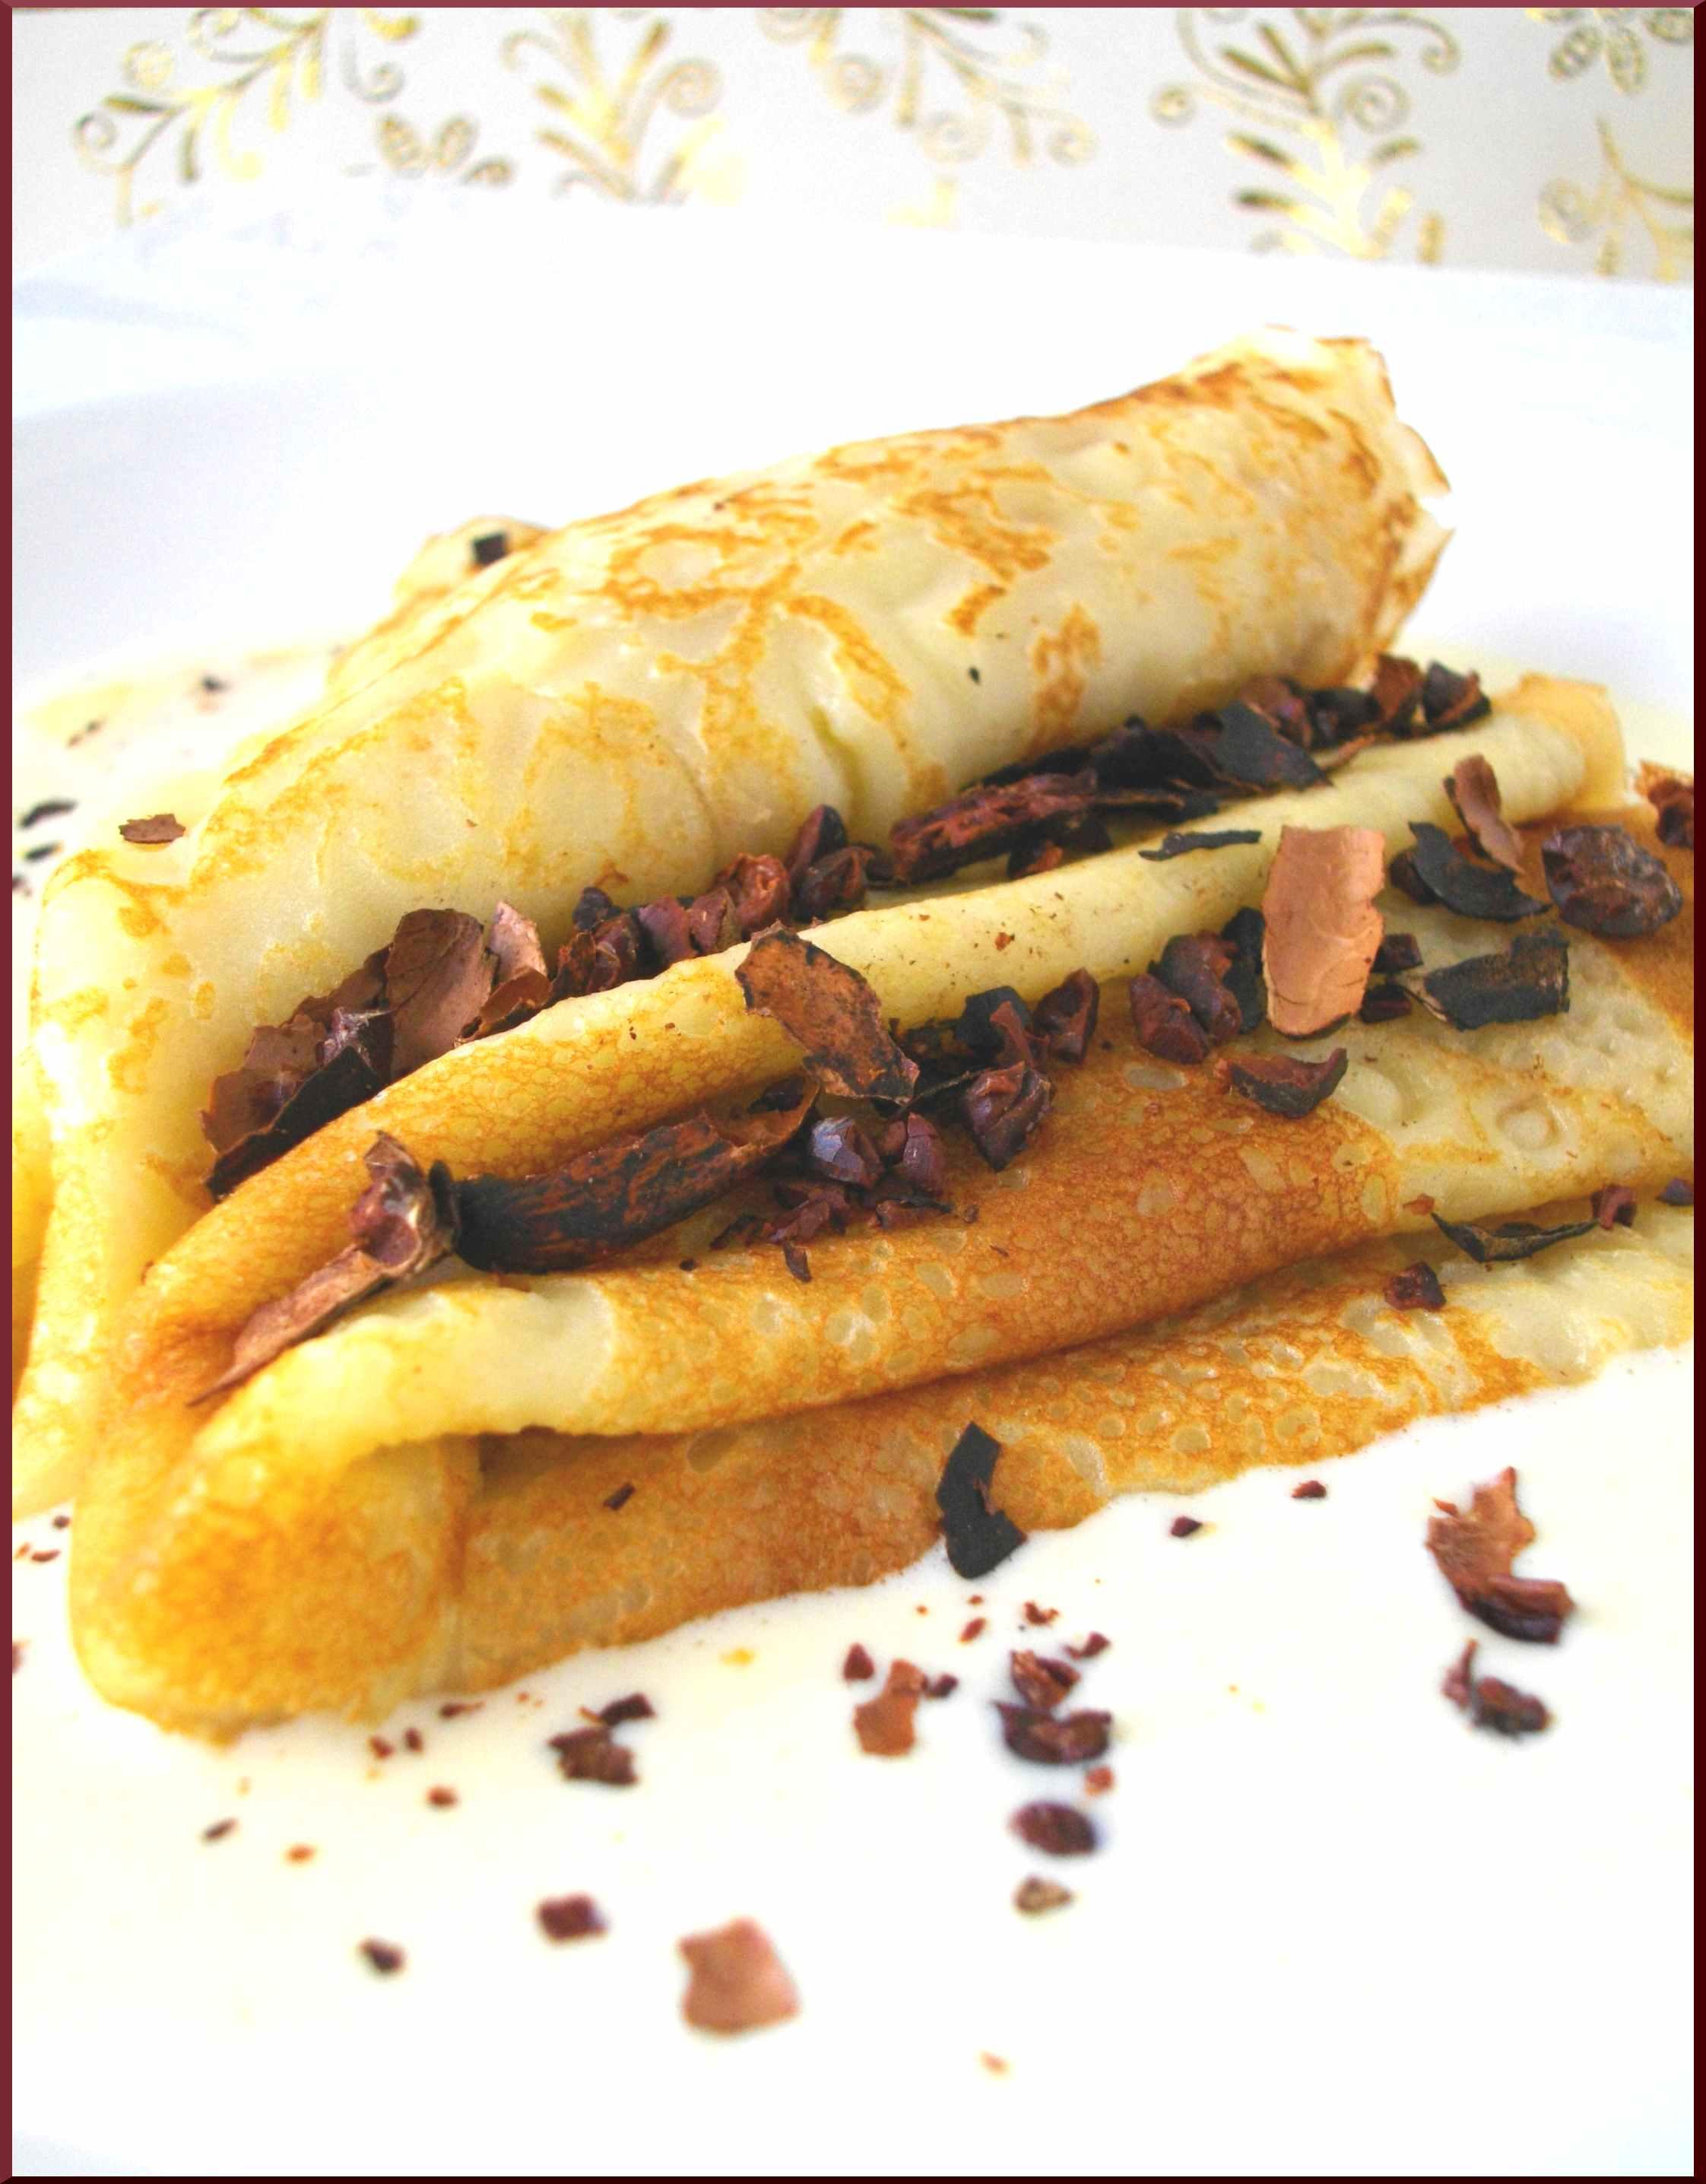 Crêpes Savoureuses au lait de cOco sur un lit de crème anglaise ''Vanille, Jasmin'' & quelques écorces de Cacao...♥